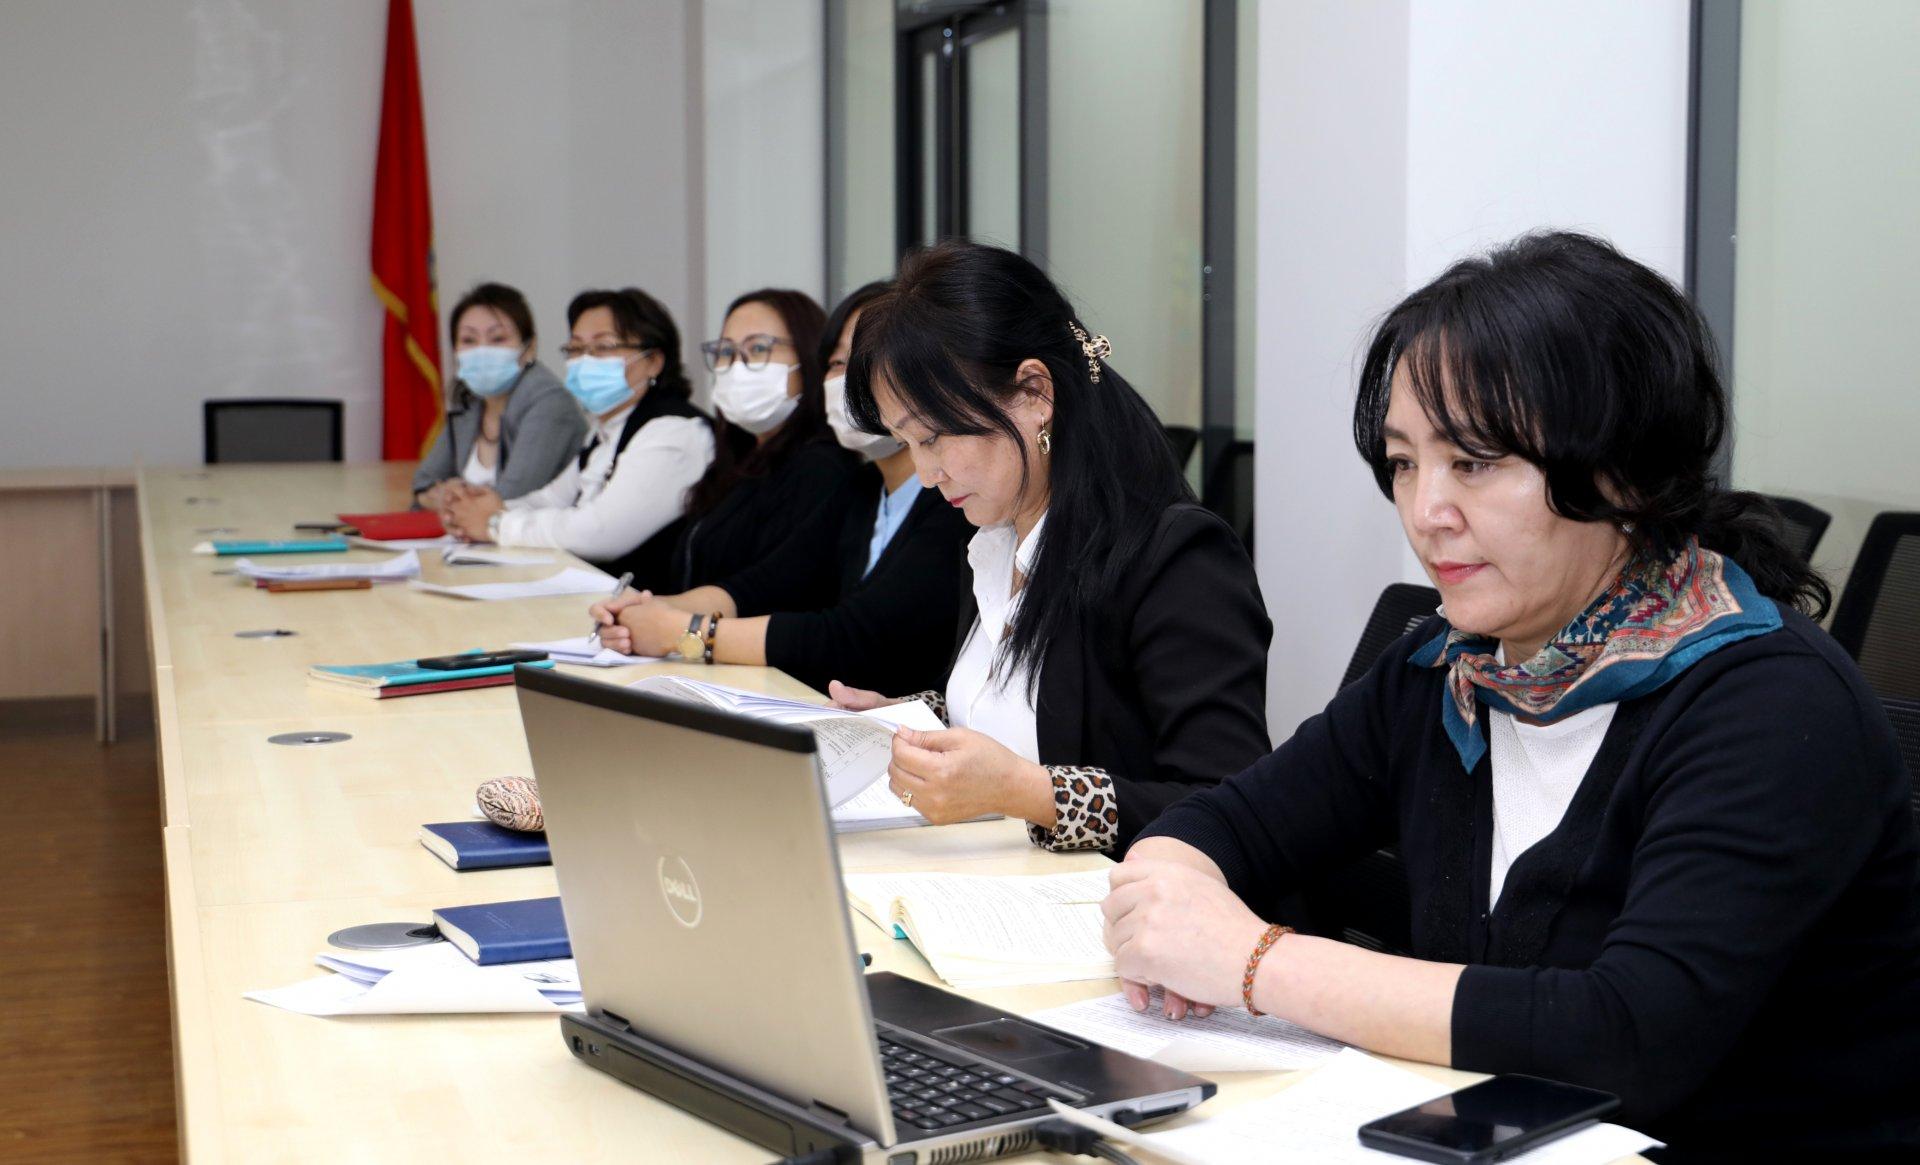 Дипломат төлөөлөгчийн газрын бүртгэлийн ажилтнууд  цахим сургалтад хамрагдлаа